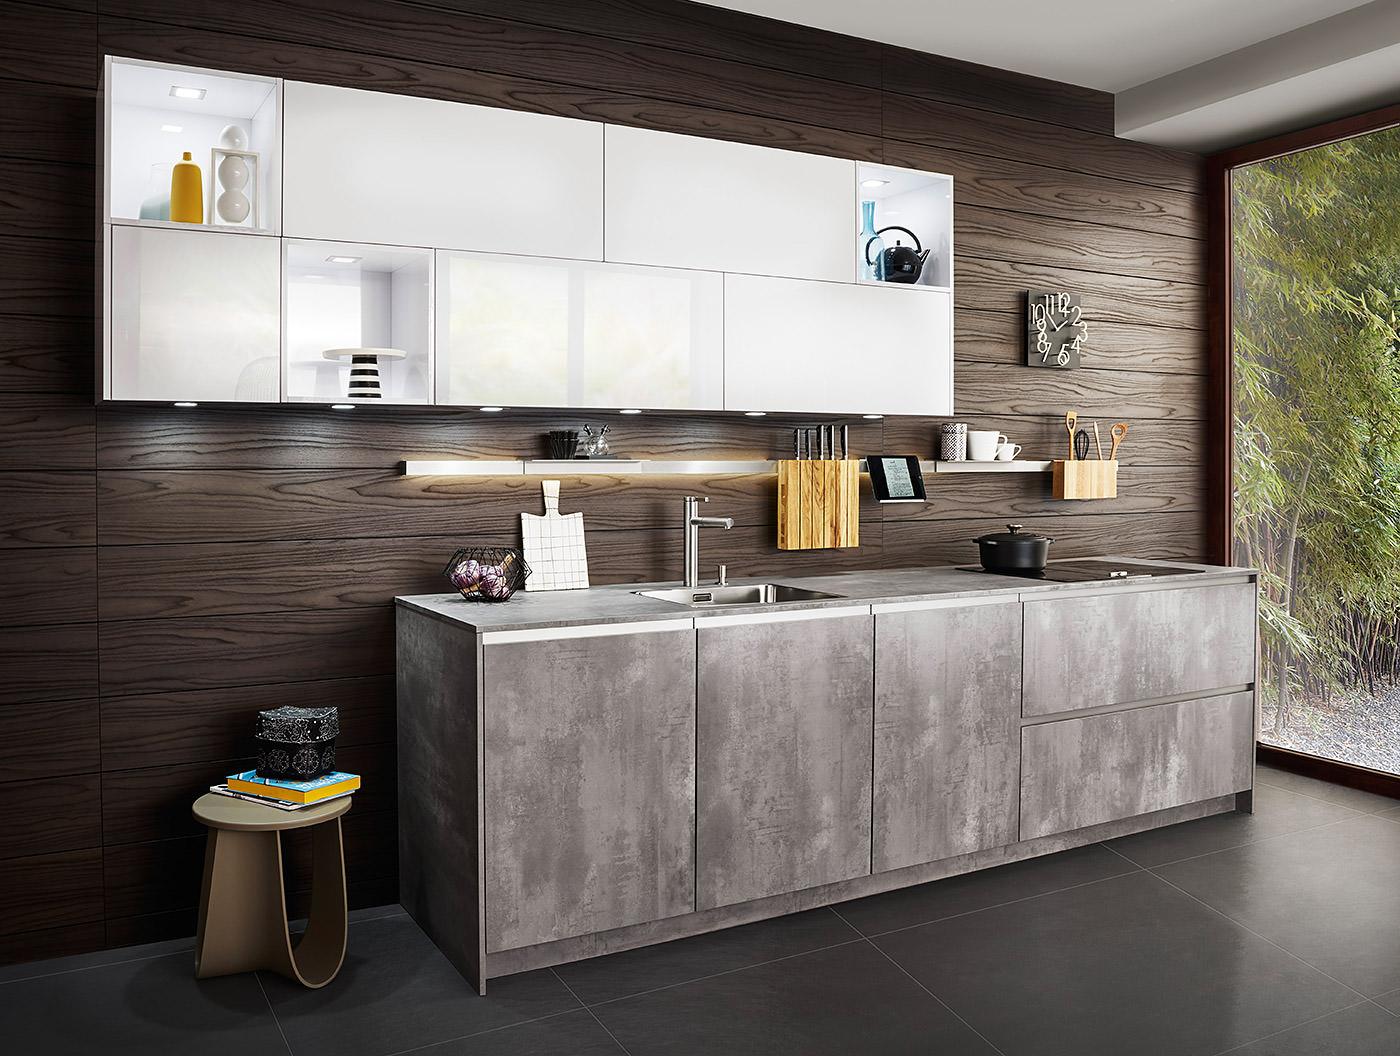 Leicht Küchen Erfahrungen leicht küchen moderne küchen der extraklasse